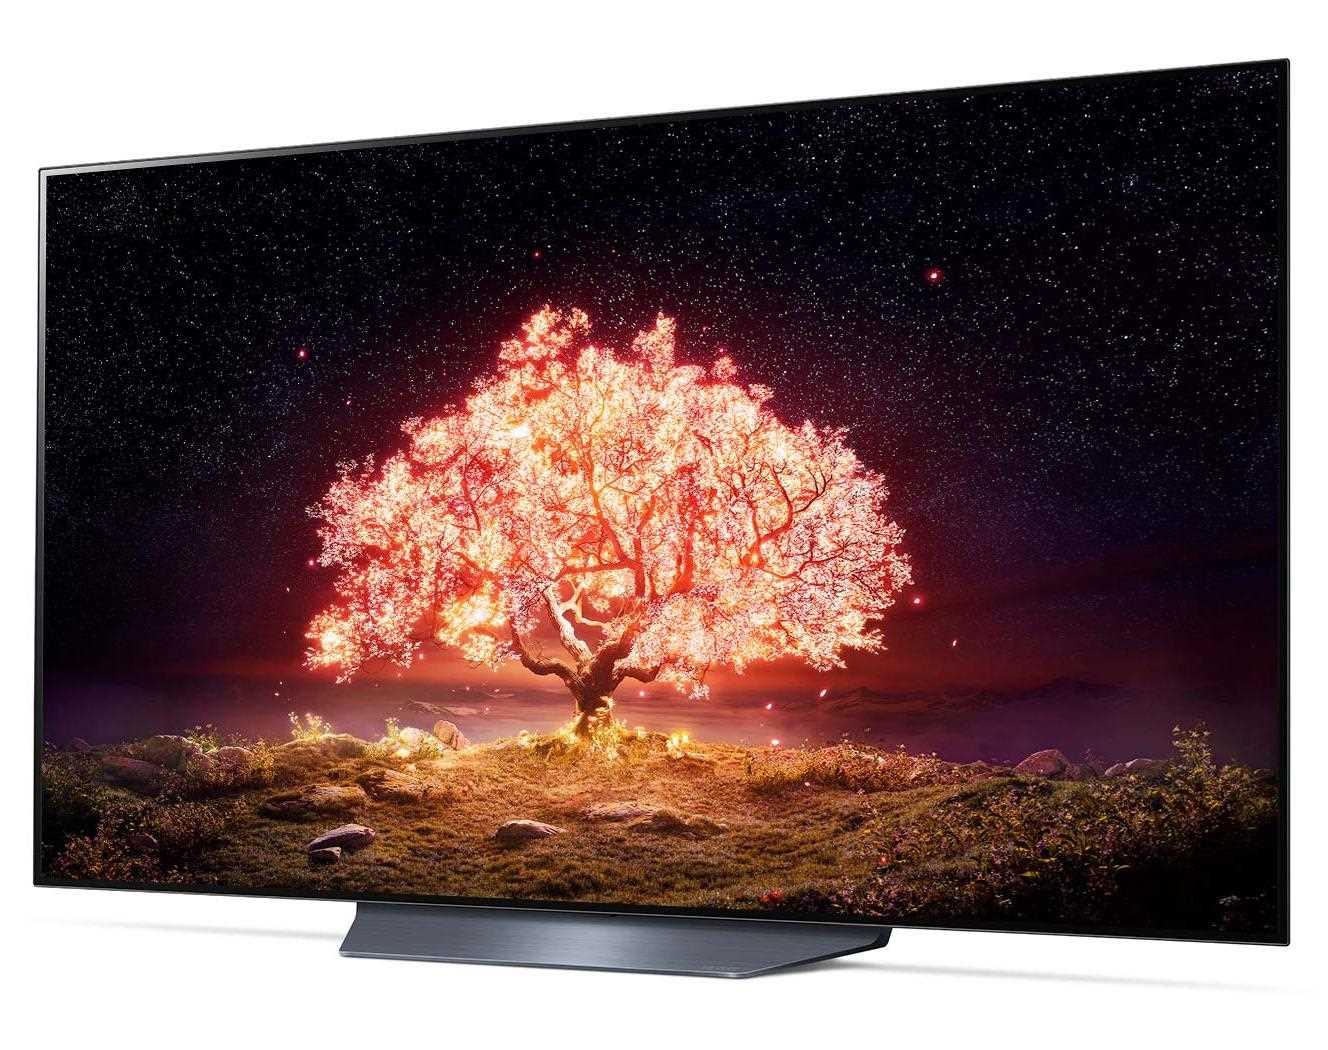 טלוויזיה 55 אינץ' דגם OLED 55B16LA/PVA  בטכנולוגיית LG OLED 4K Ultra HD אל ג'י - תמונה 2